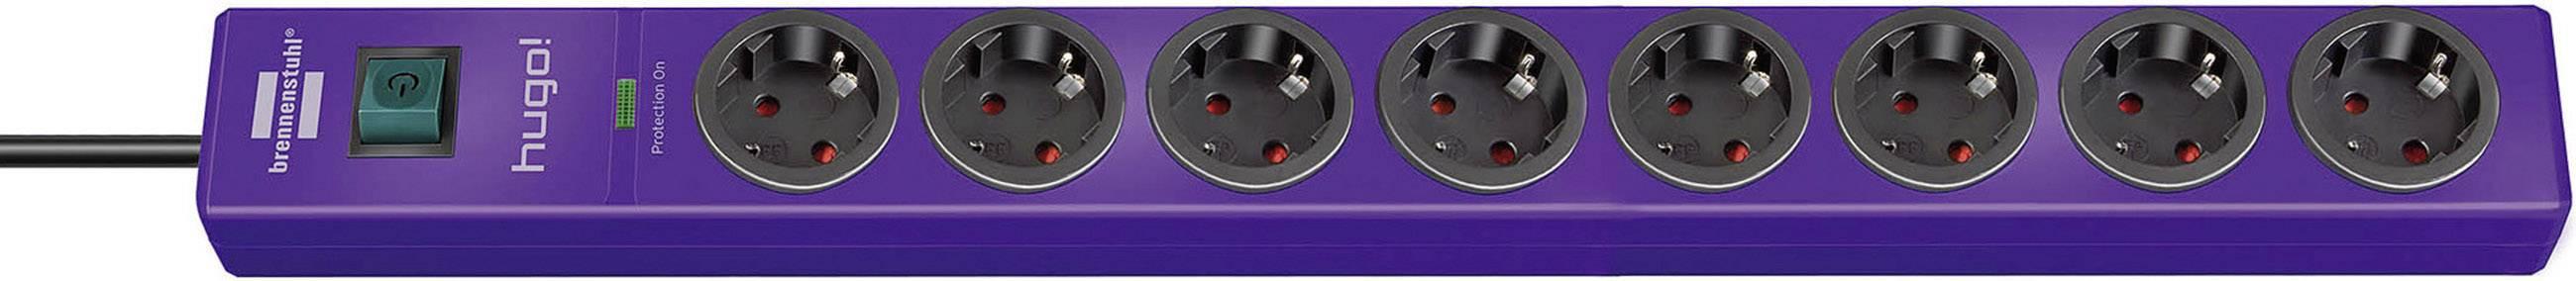 Zásuvková lišta Brennenstuhl s prepäťovou ochranou a spínačom, 8 zásuviek, fialová